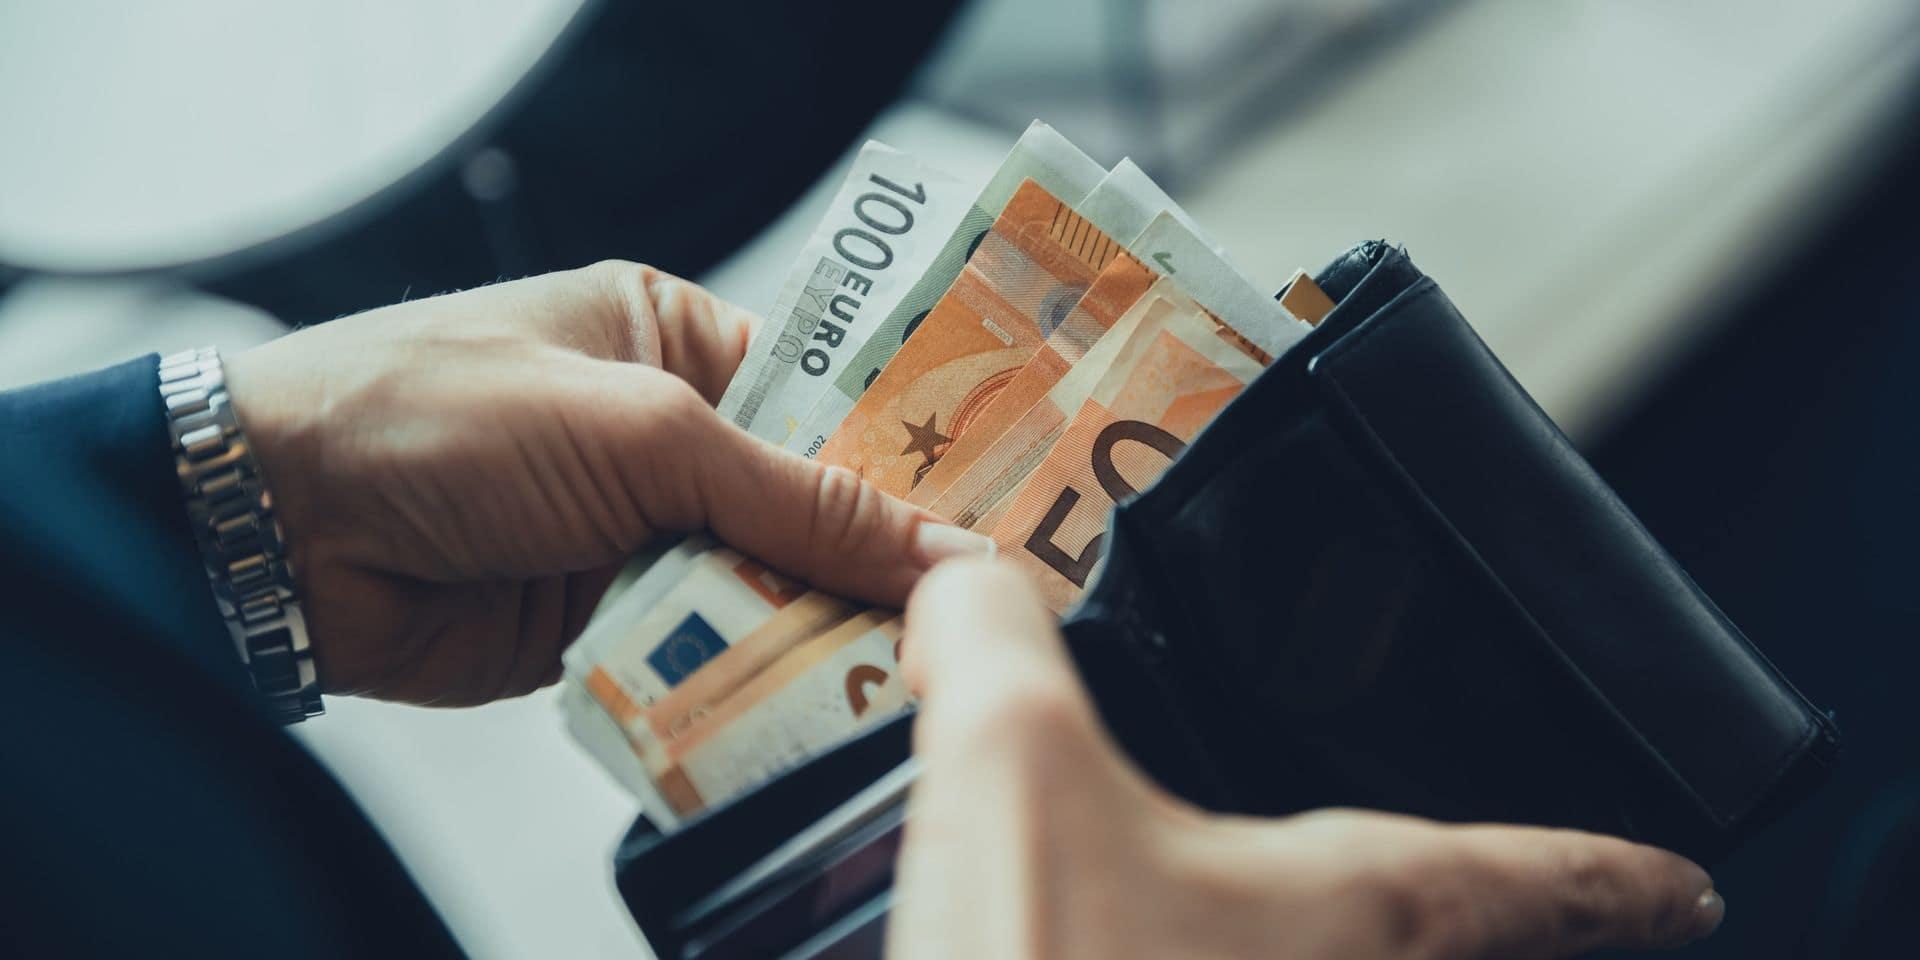 Le Covid-19 fait grimper le coût salarial par heure prestée